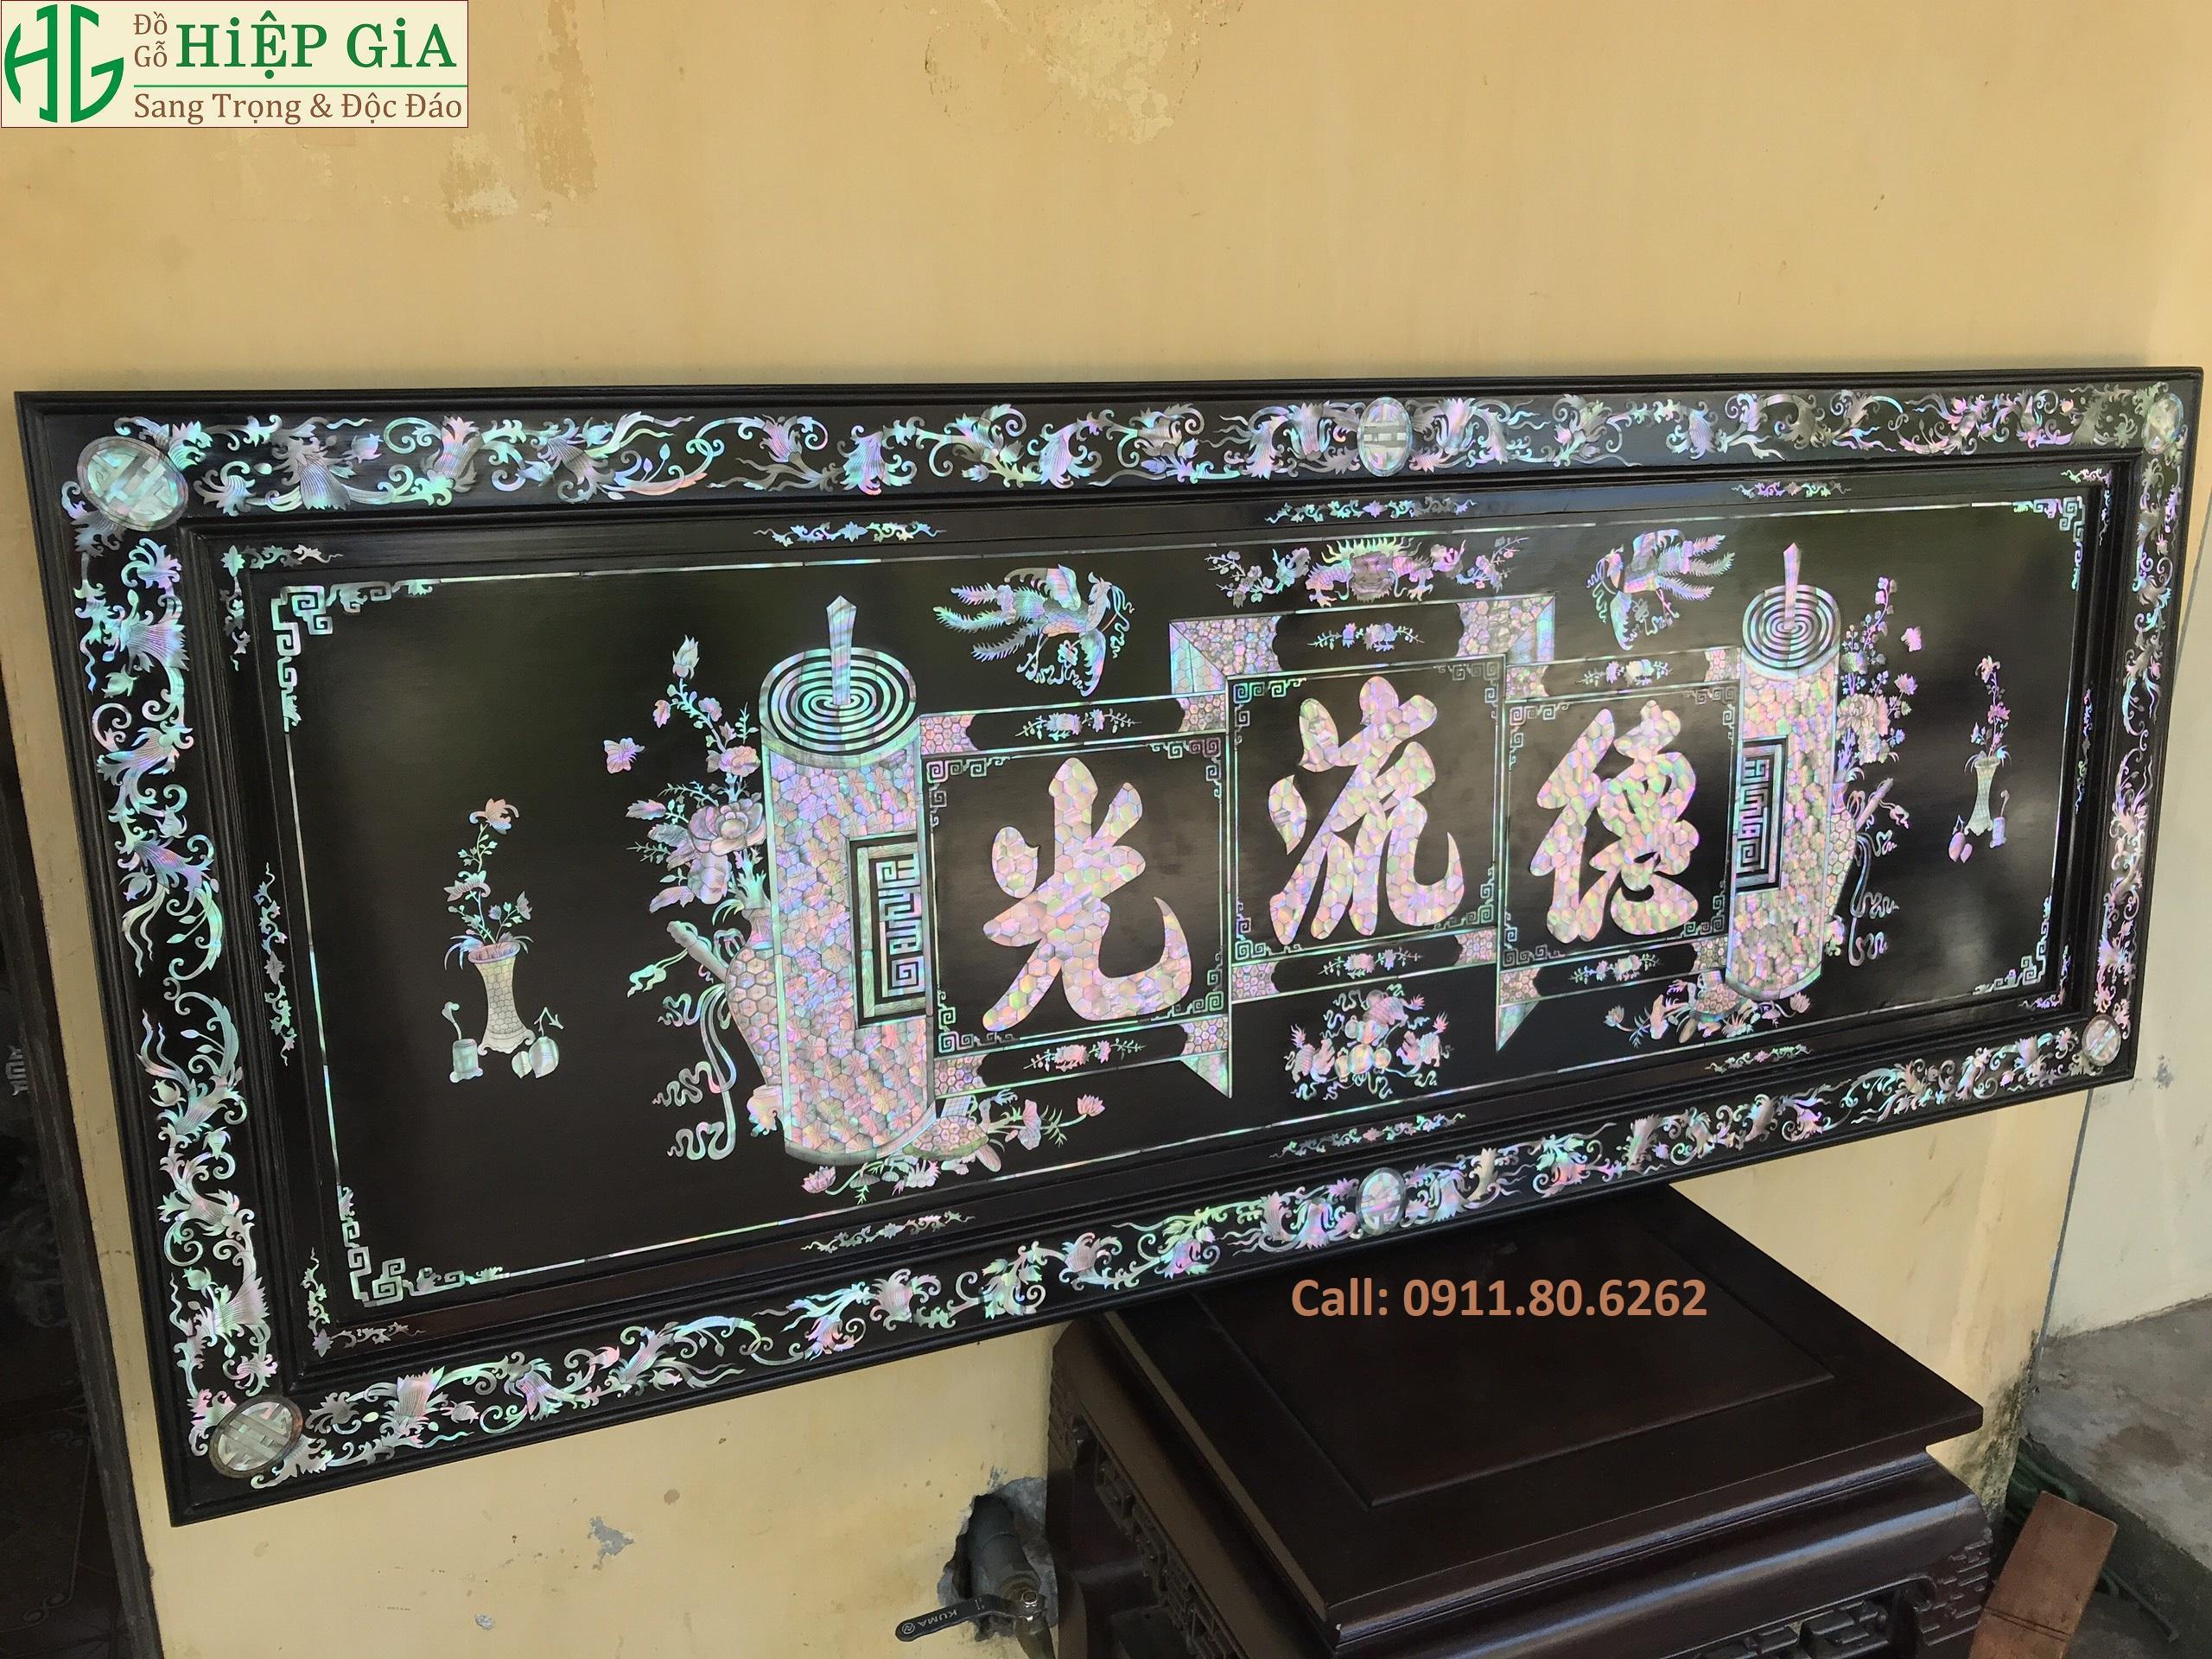 Tranh Khảm Đức Lưu Quang - Tranh Khảm Đức Lưu Quang MS: 09